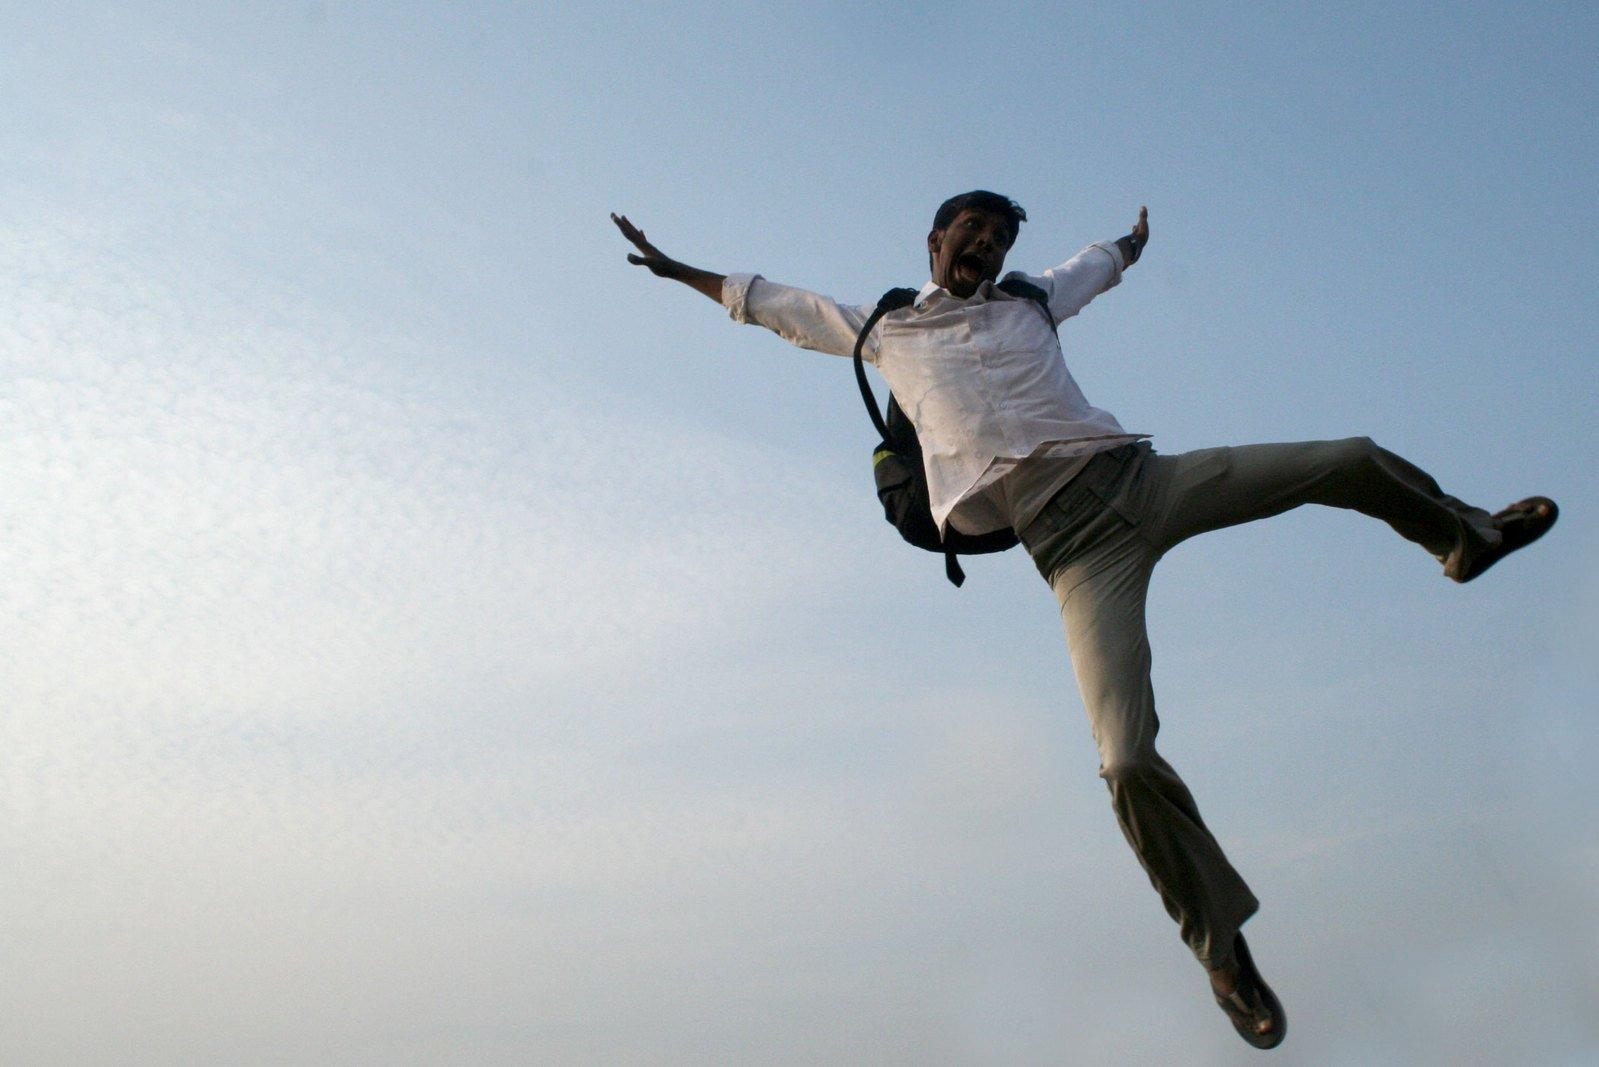 мужчина в прыжке картинка все